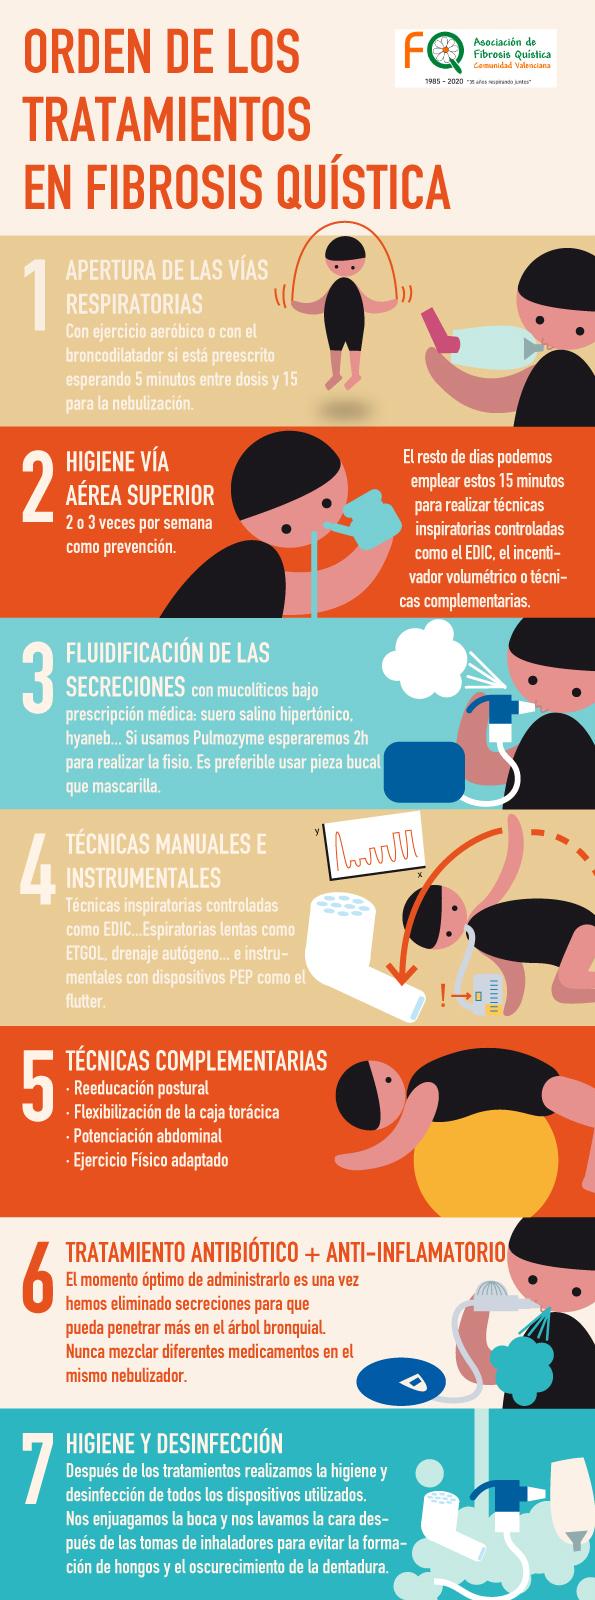 Orden tratamientos en la Fibrosis Quística